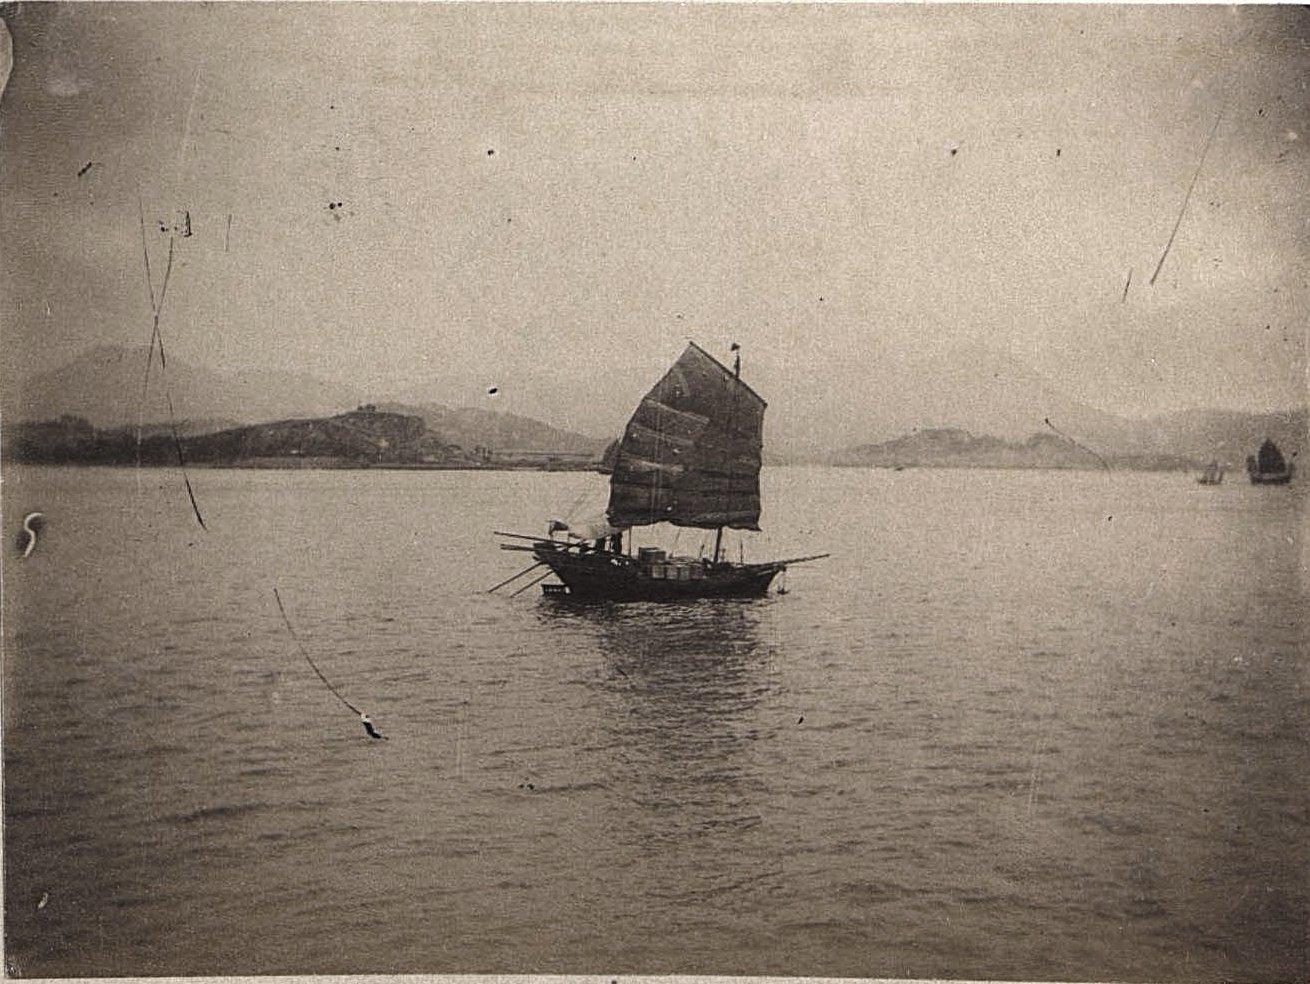 1898. Китай, г. Талиенван. Китайская джонка